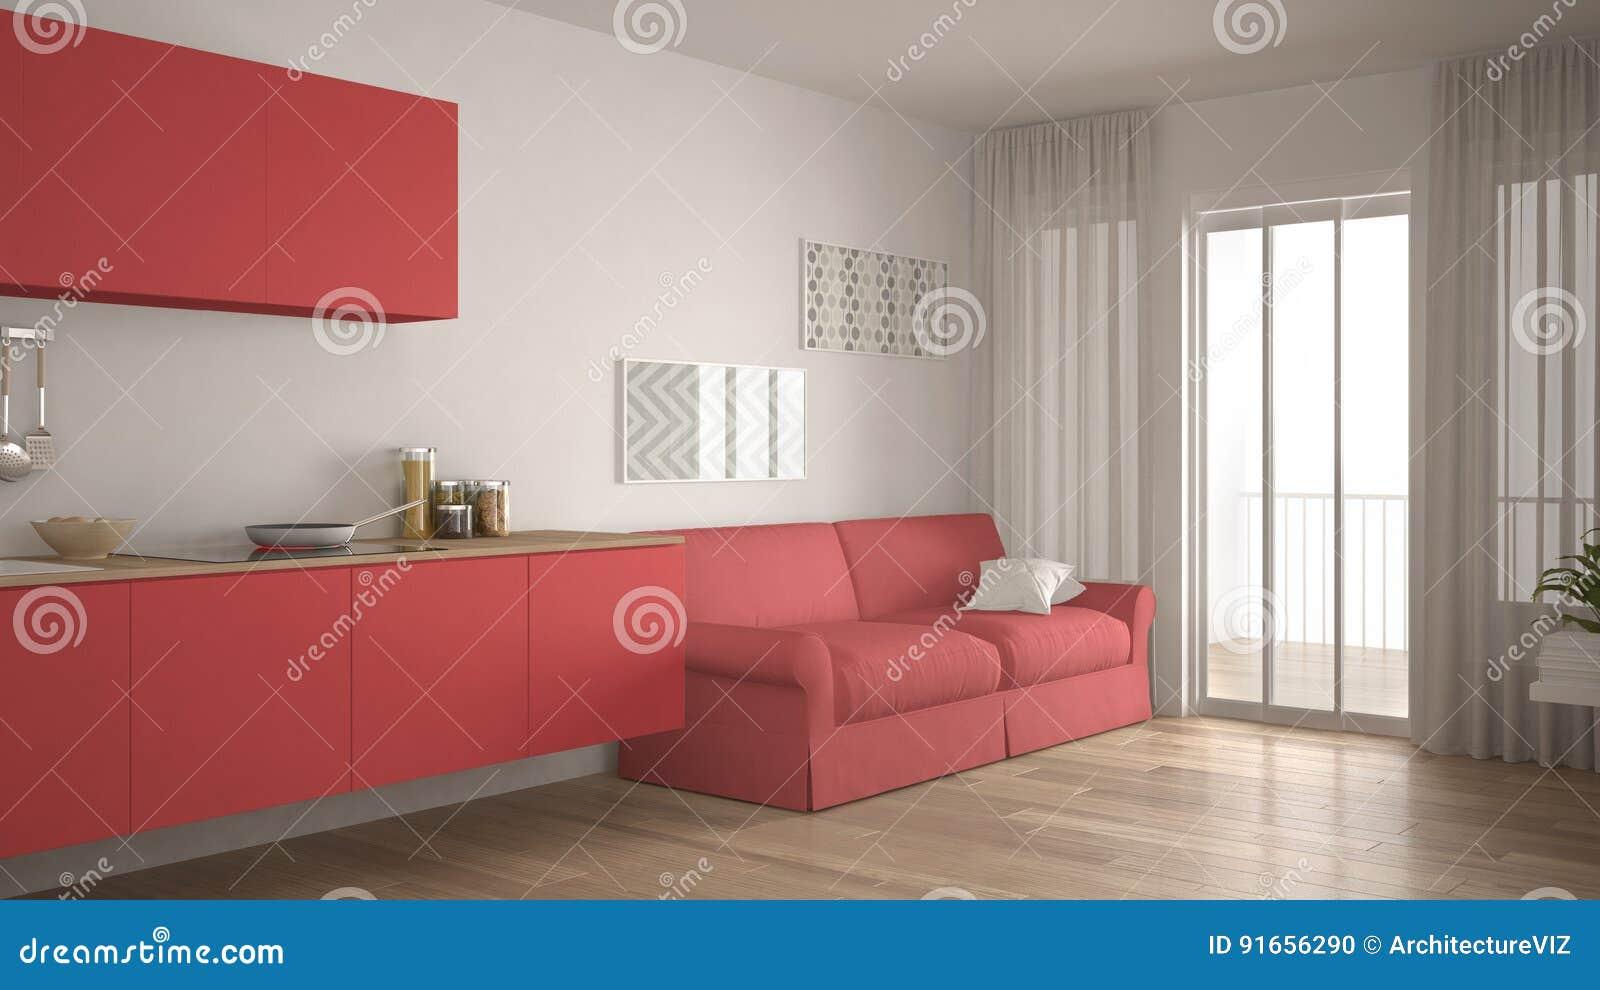 skandinavische küche mit sofa, hölzernem parkettboden, weiß und